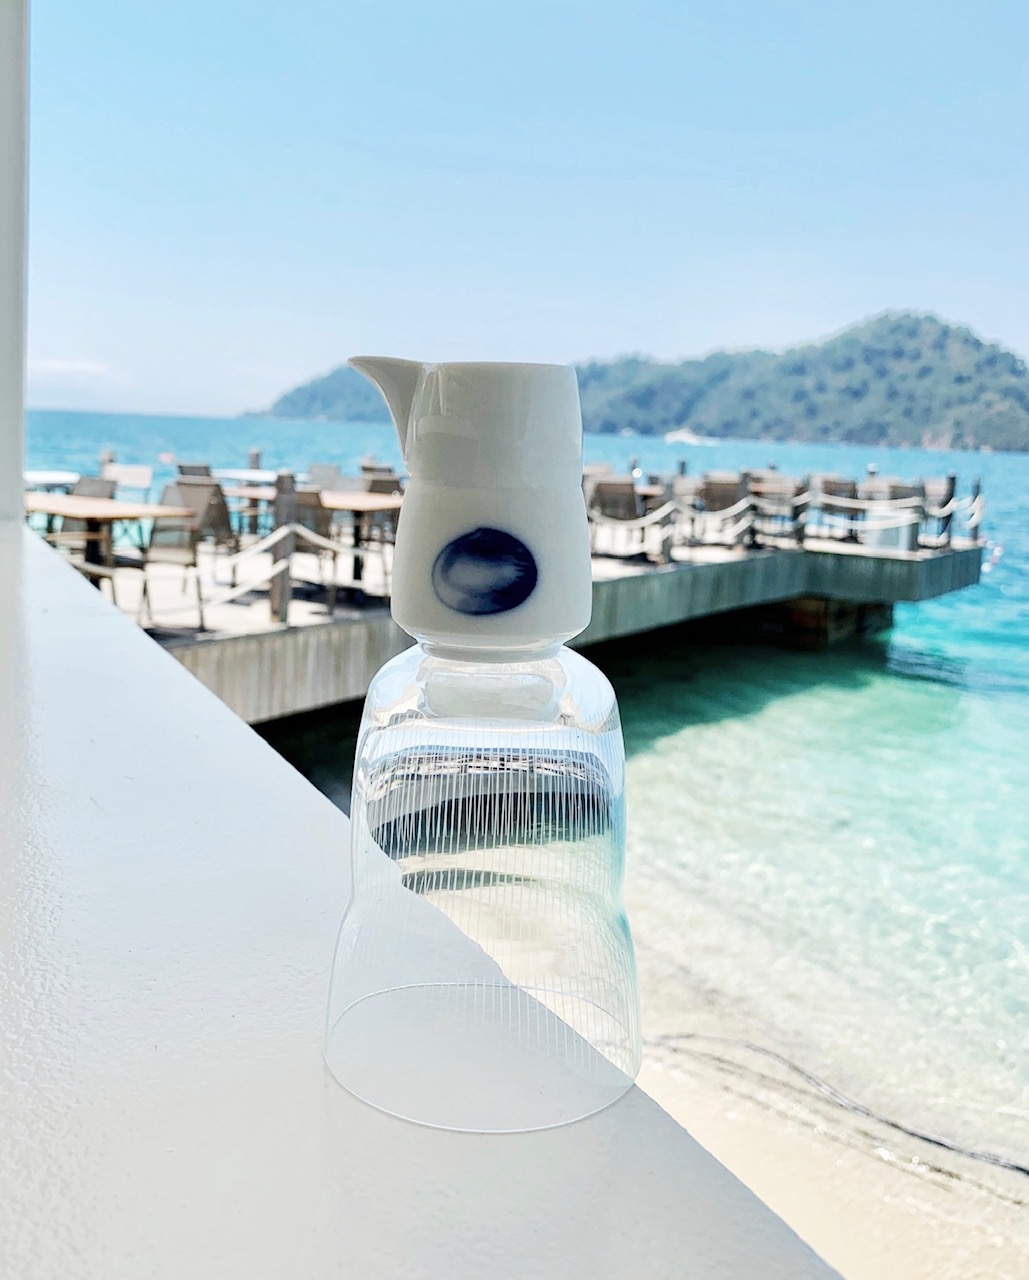 Сливочник и стаканчик Hering с видом на ресторан эгейской кухни The Breeze на курортеD-Resort Göcek